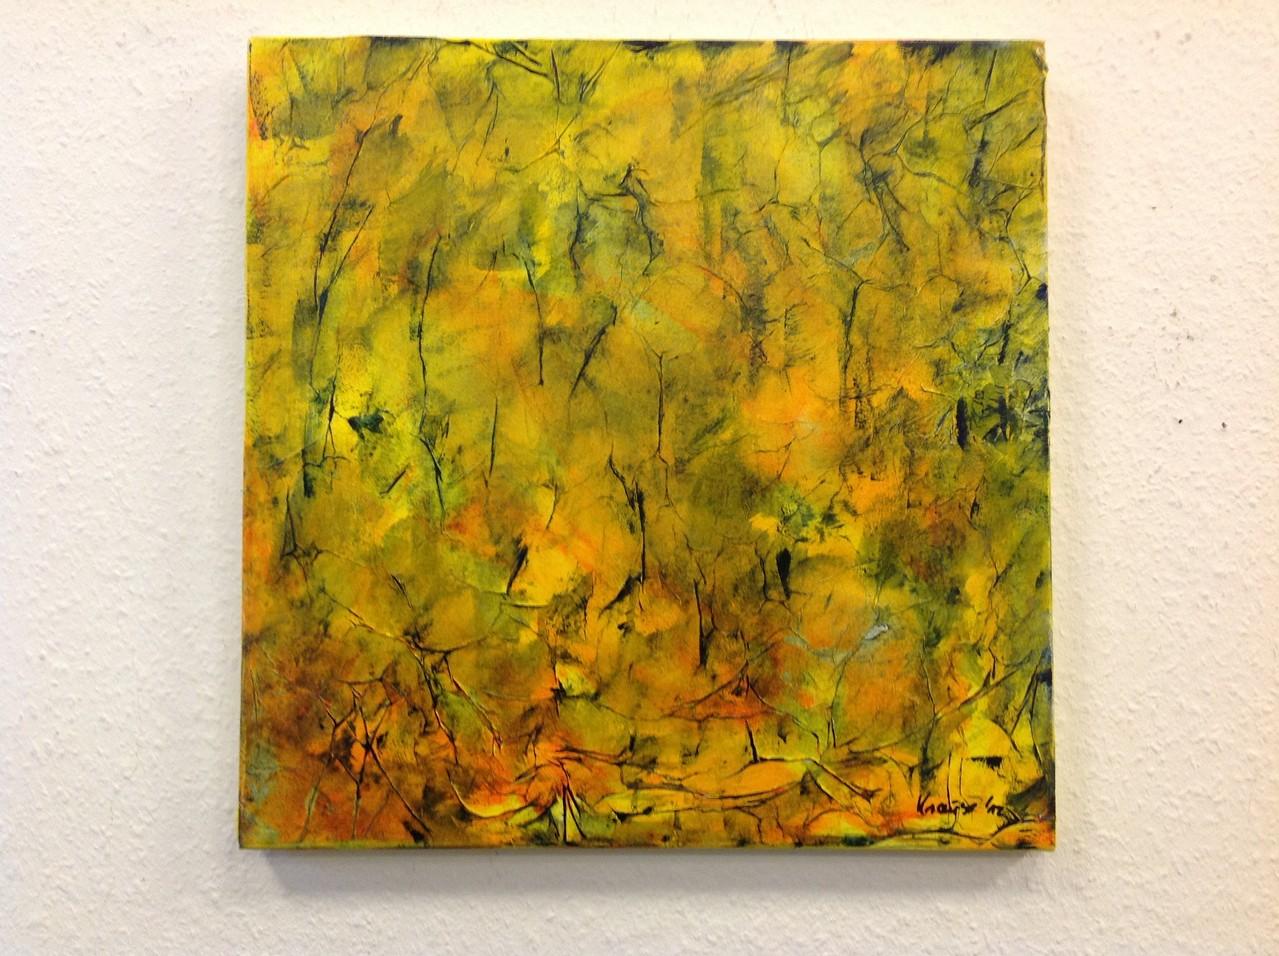 Dietmar Krause, Acryl auf Leinwan, 50 x 50cm